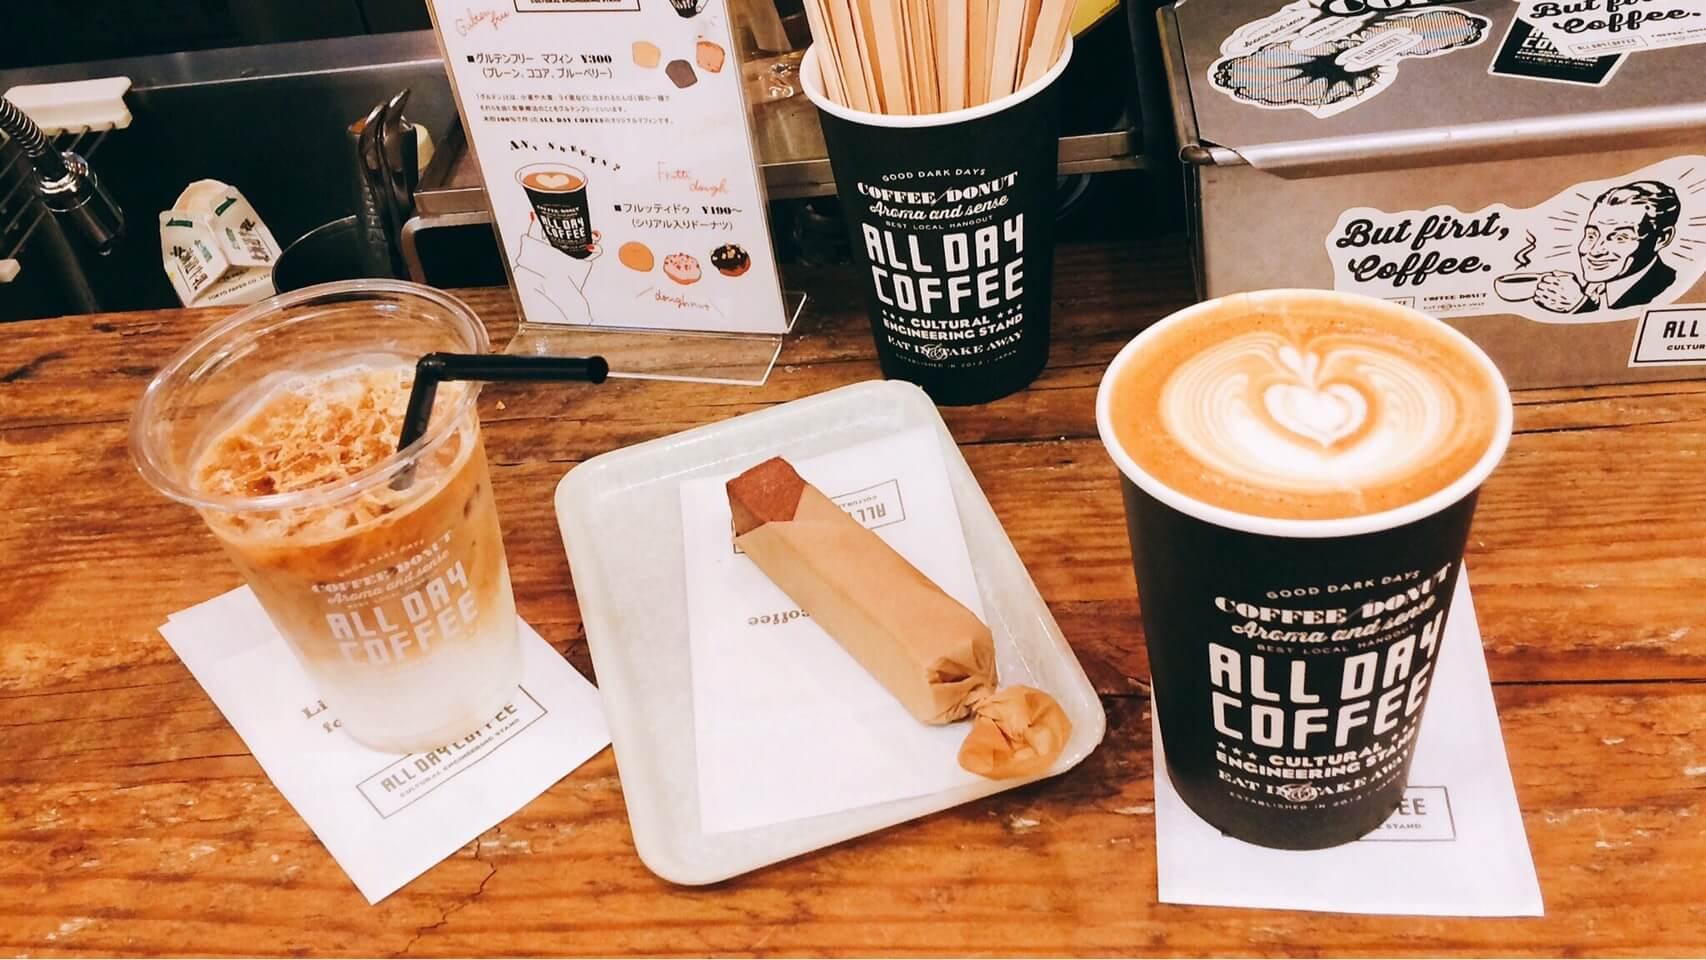 大阪駅でさくっと立ち寄れるcoffeeshop〜ALLDAYCOFFEE〜